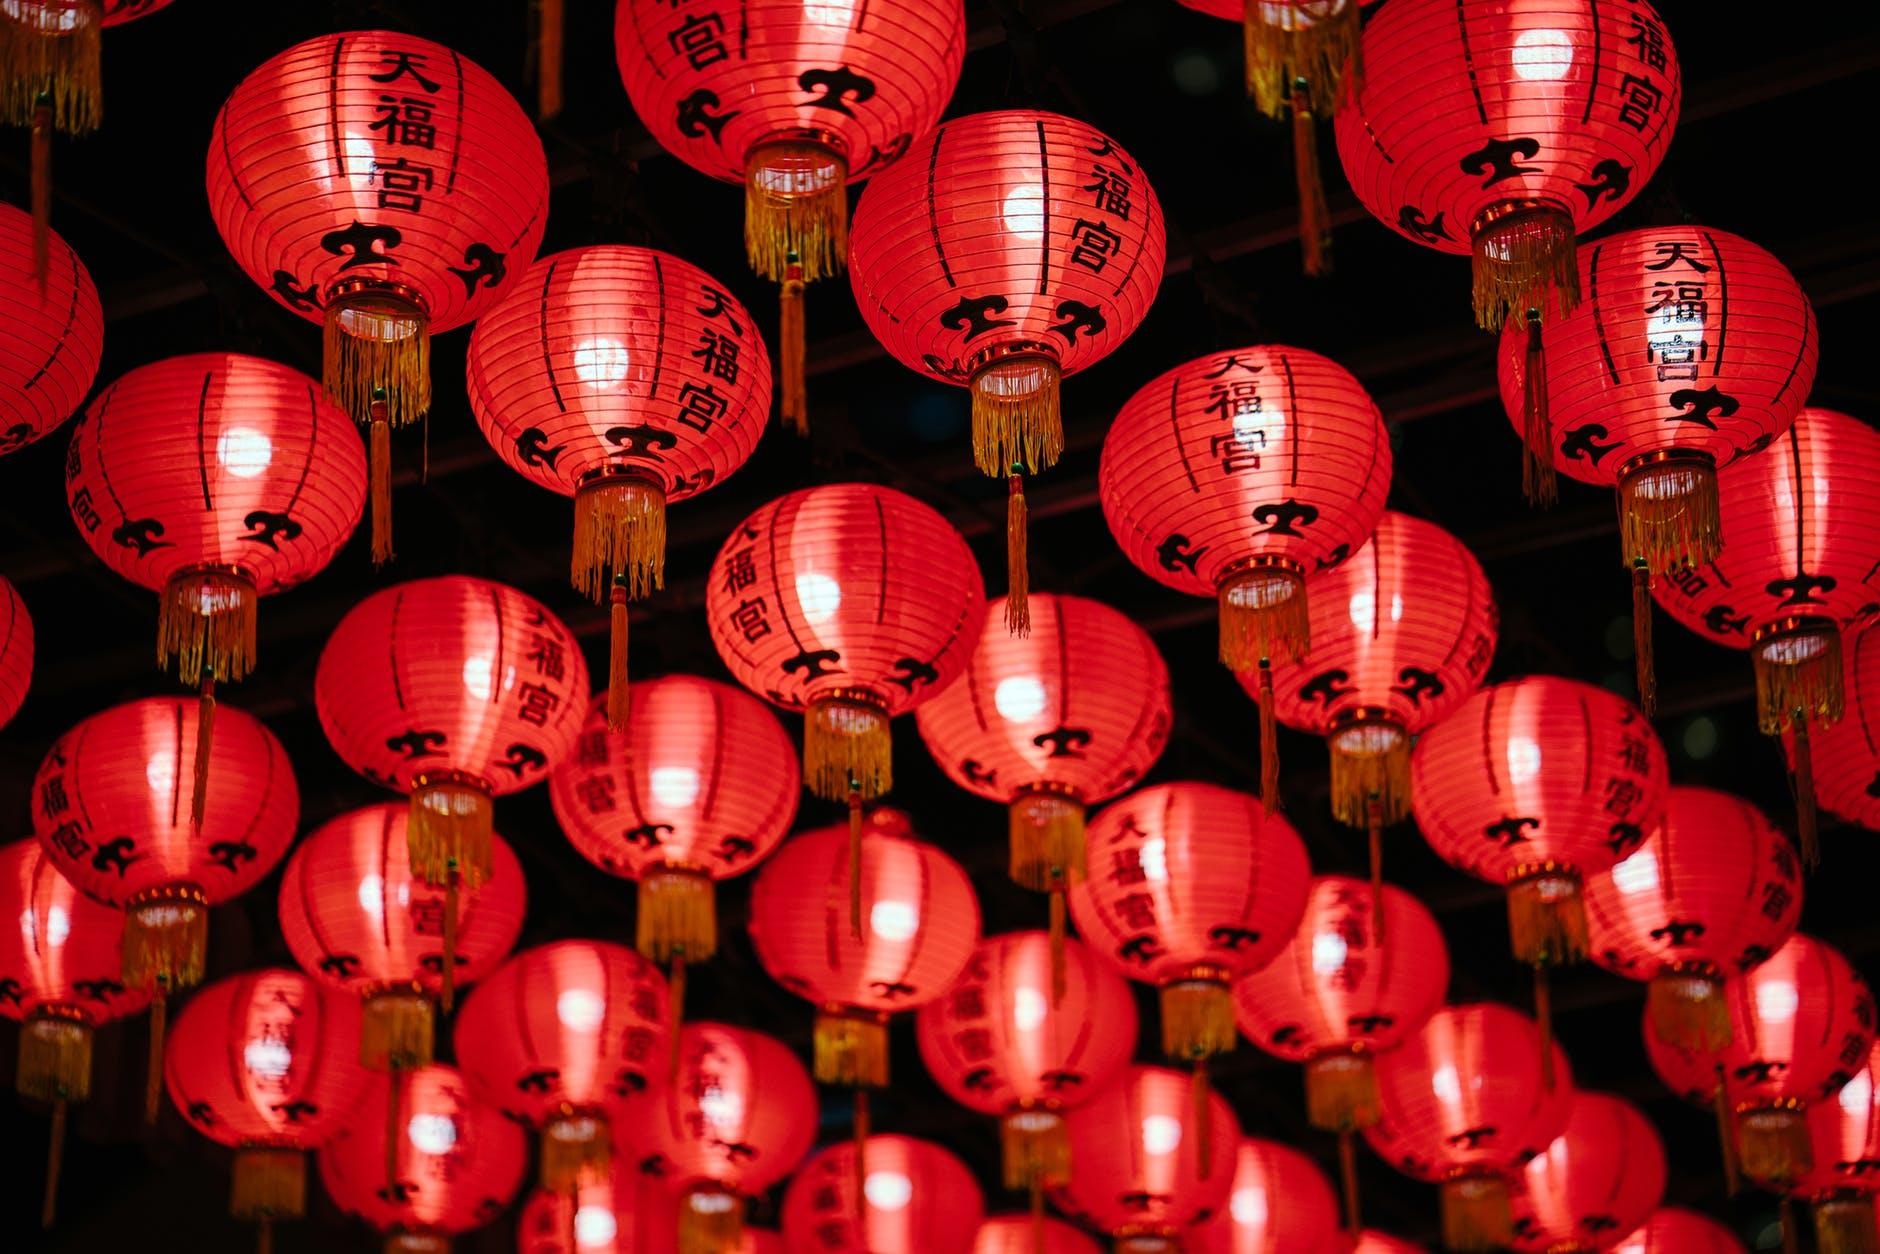 汉语是世界上使用人口最多的语言_外交部:中文是世界上使用人数最多的语言